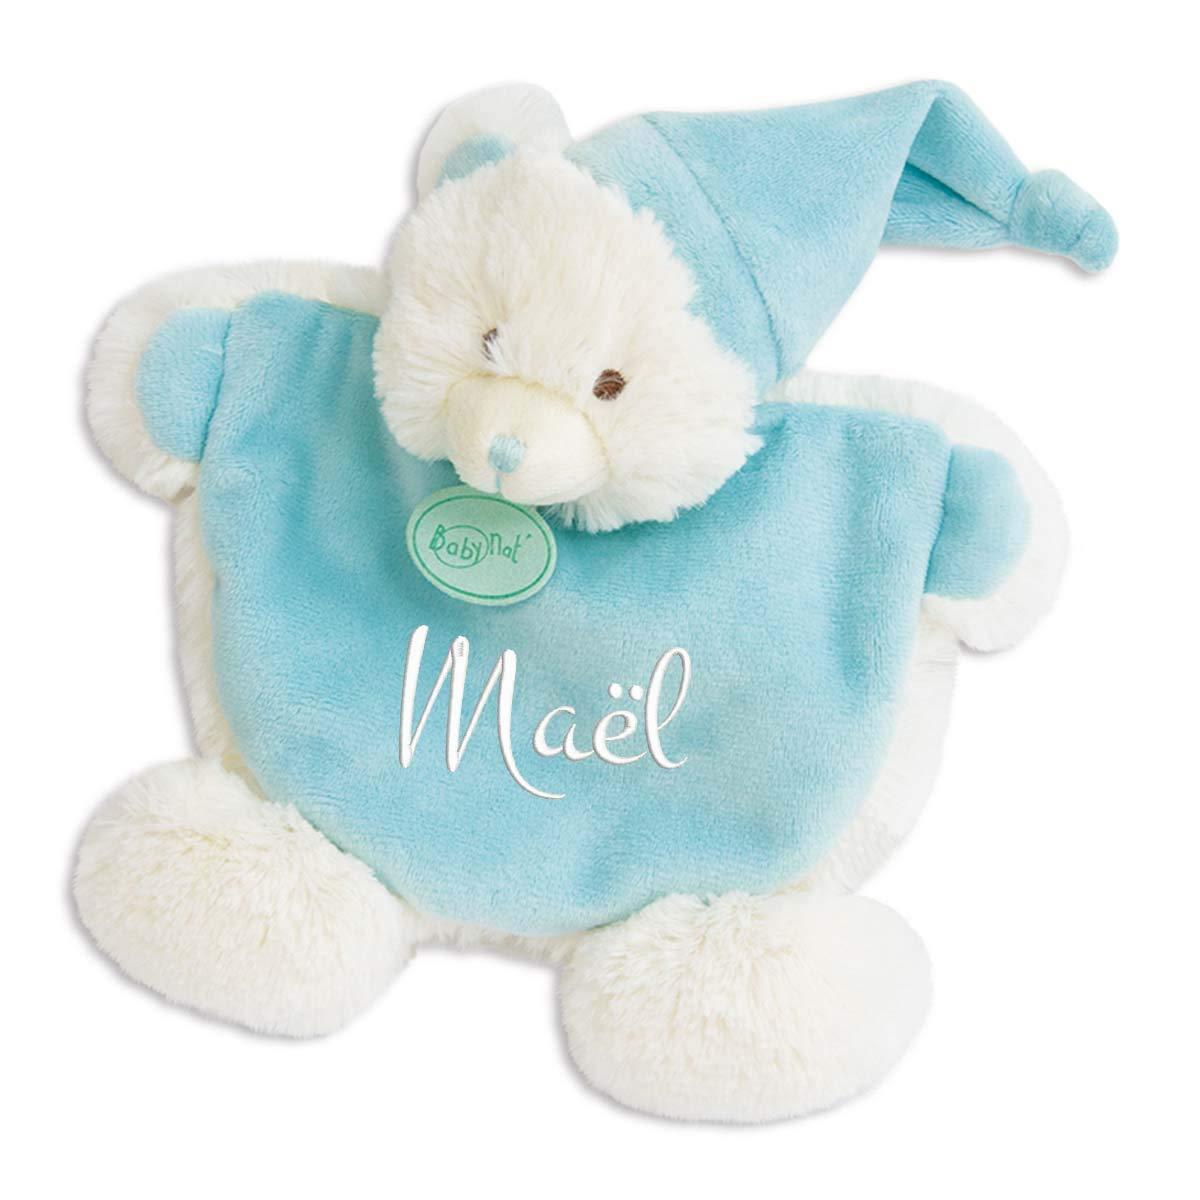 Doudou ourson bleu à broder avec prénom - Les Câlins - cadeau liste de naissance - cadeau personnalisé naissance - cadeau personnalisé Noël